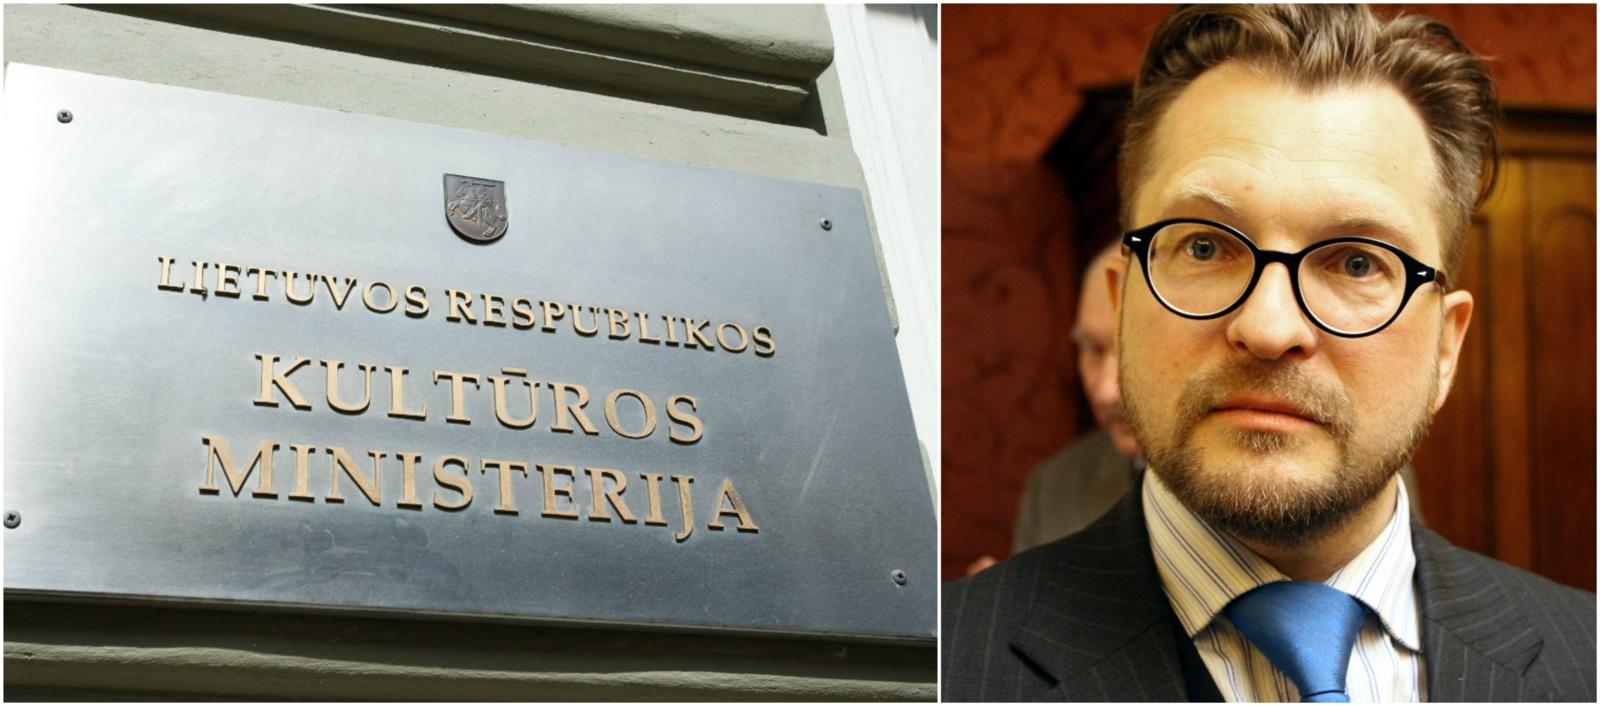 Kultūros ministrės patarėjas L. Kontrimas atleidžiamas tik įteikus antrąjį prašymą